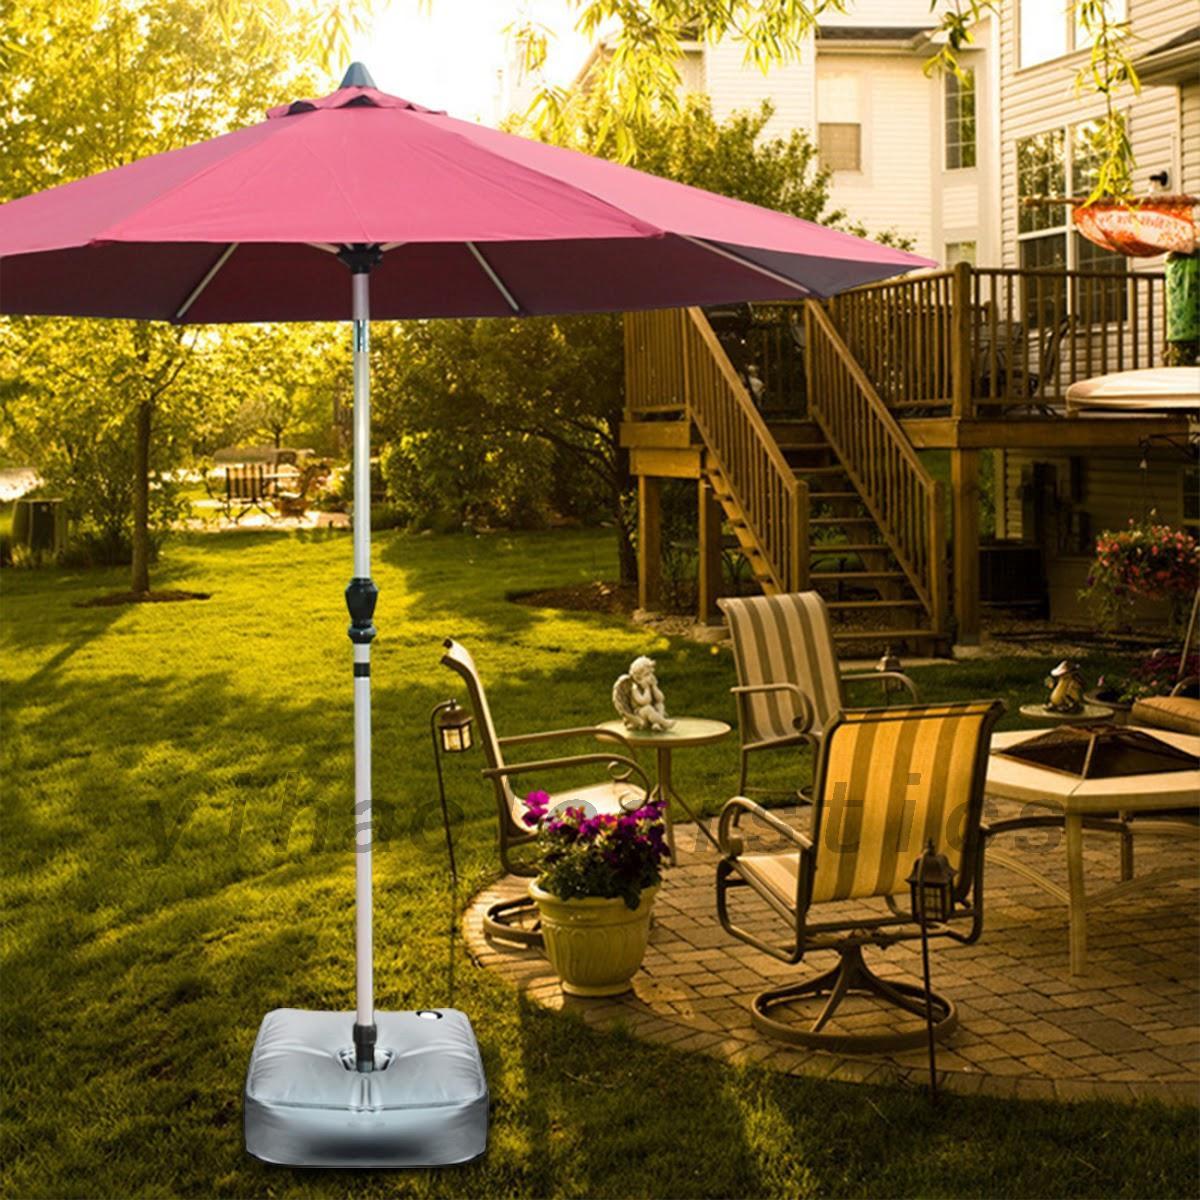 outdoor gewicht sandsack f r schirmst nder ampelschirm sonnenschirm wasserdicht eur 11 28. Black Bedroom Furniture Sets. Home Design Ideas